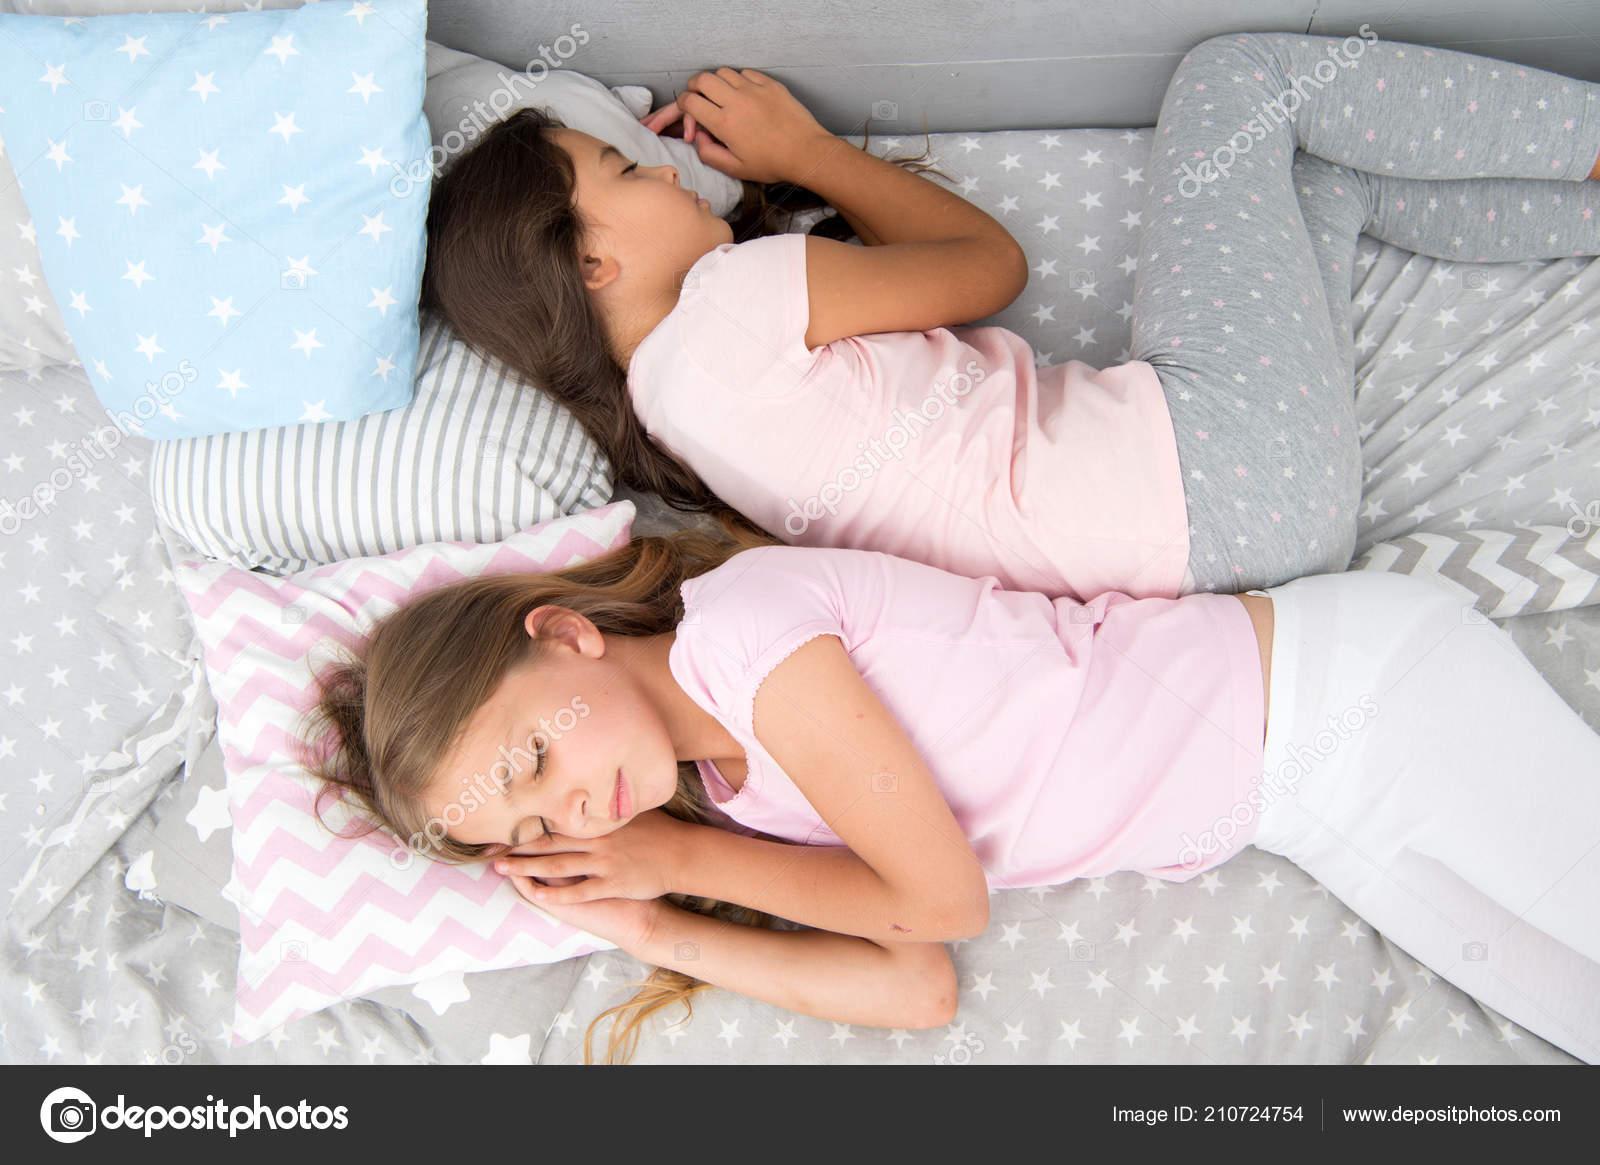 Трахнул красивую сестру пока она спала, У брата и сестры одна комната на двоих - видео ролик 17 фотография